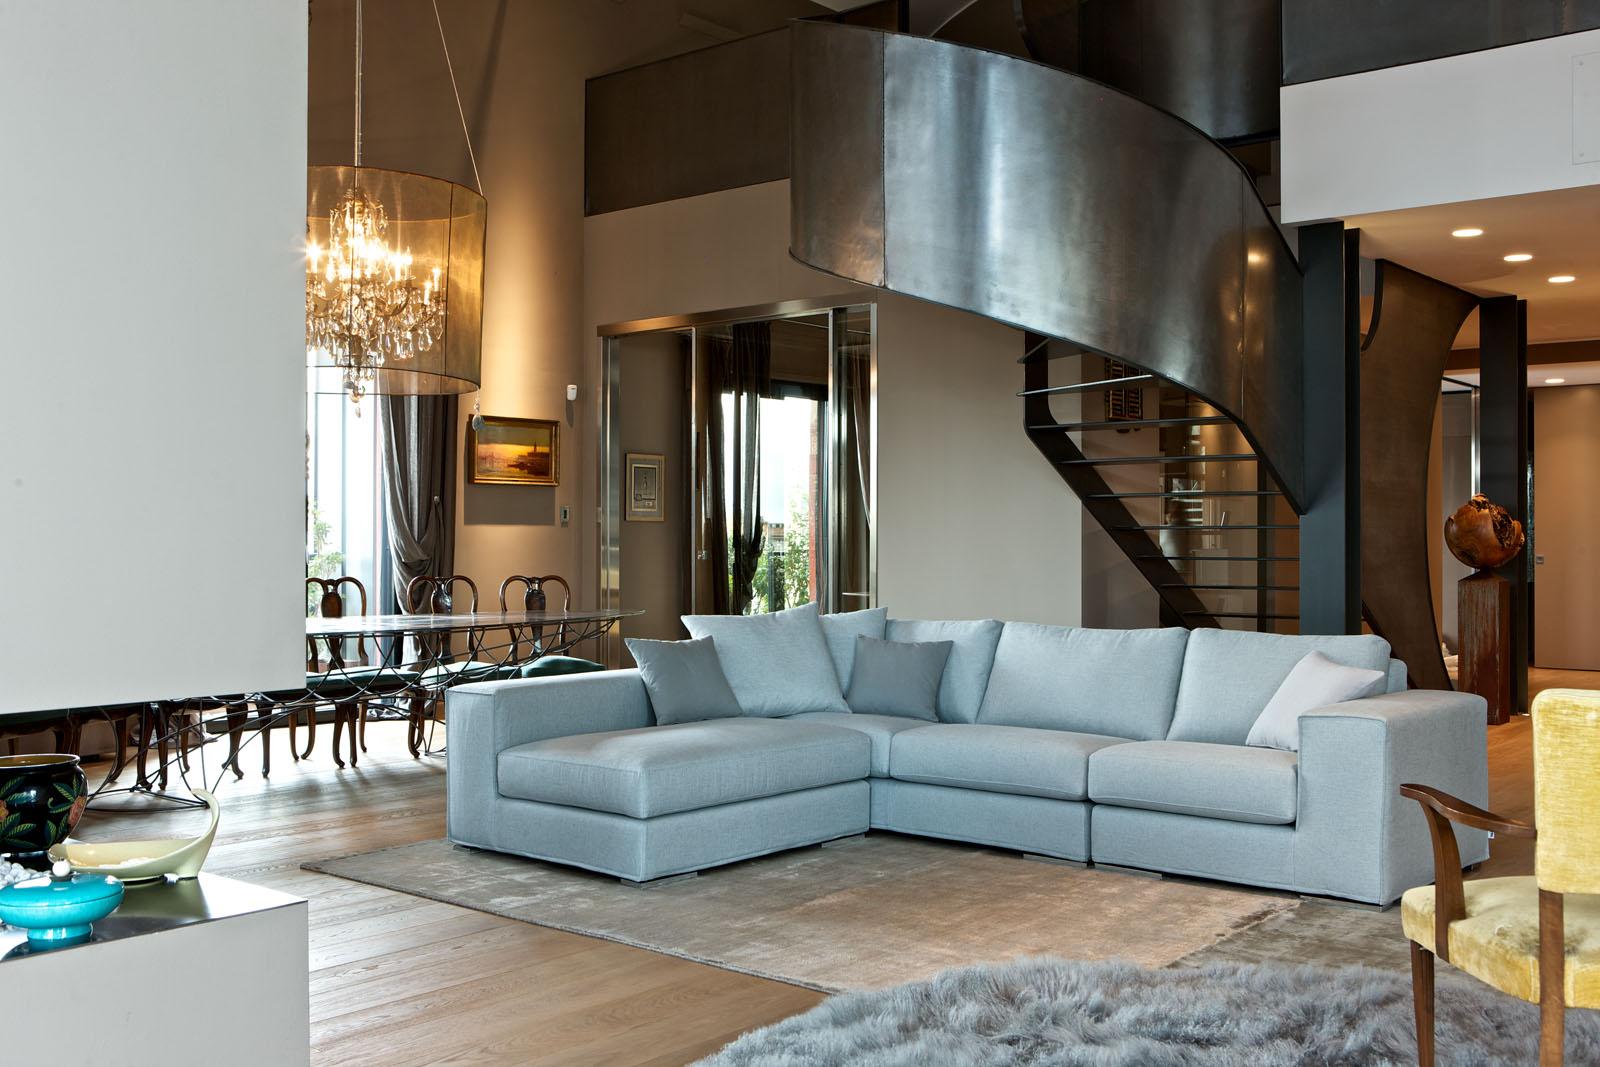 Divani blog tino mariani divani su misura in tessuto for Divani in stoffa